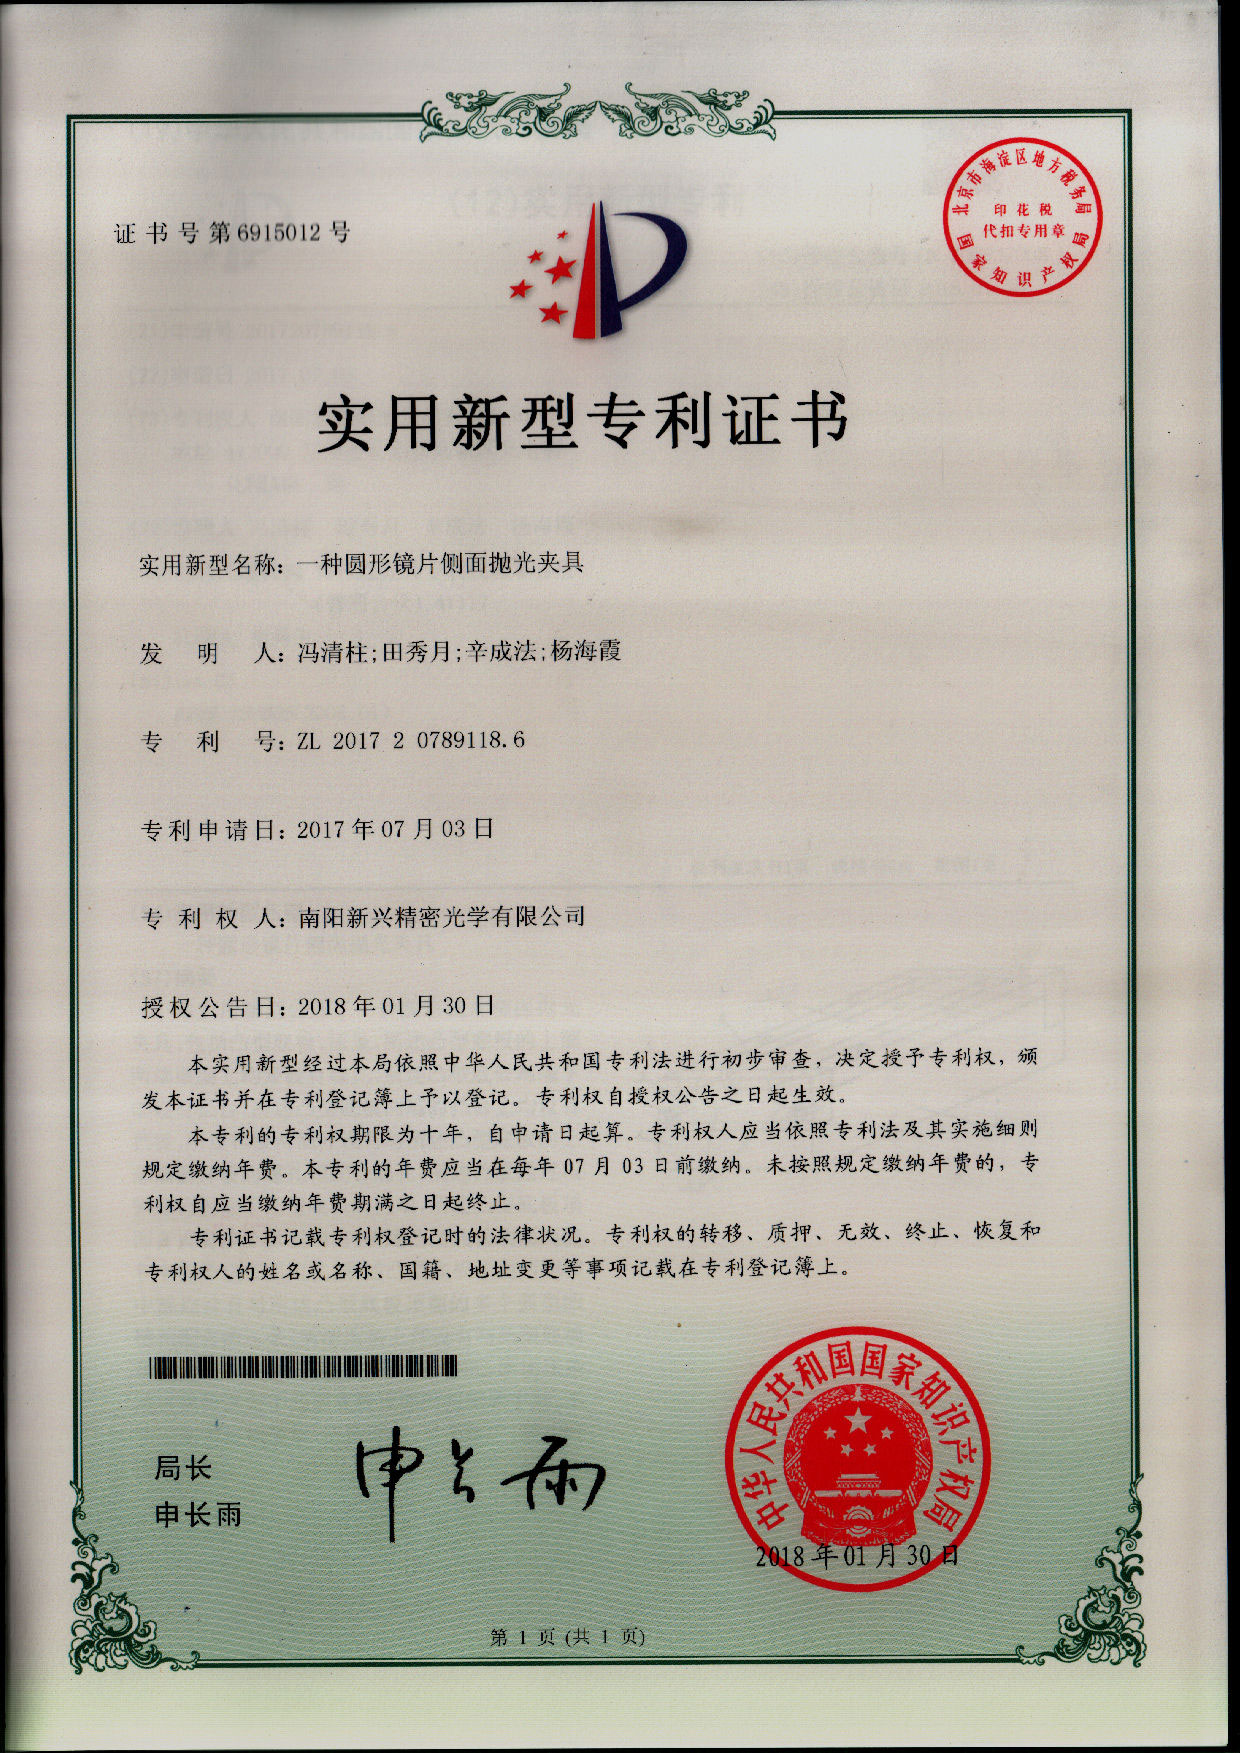 實用新型專利2017(2)